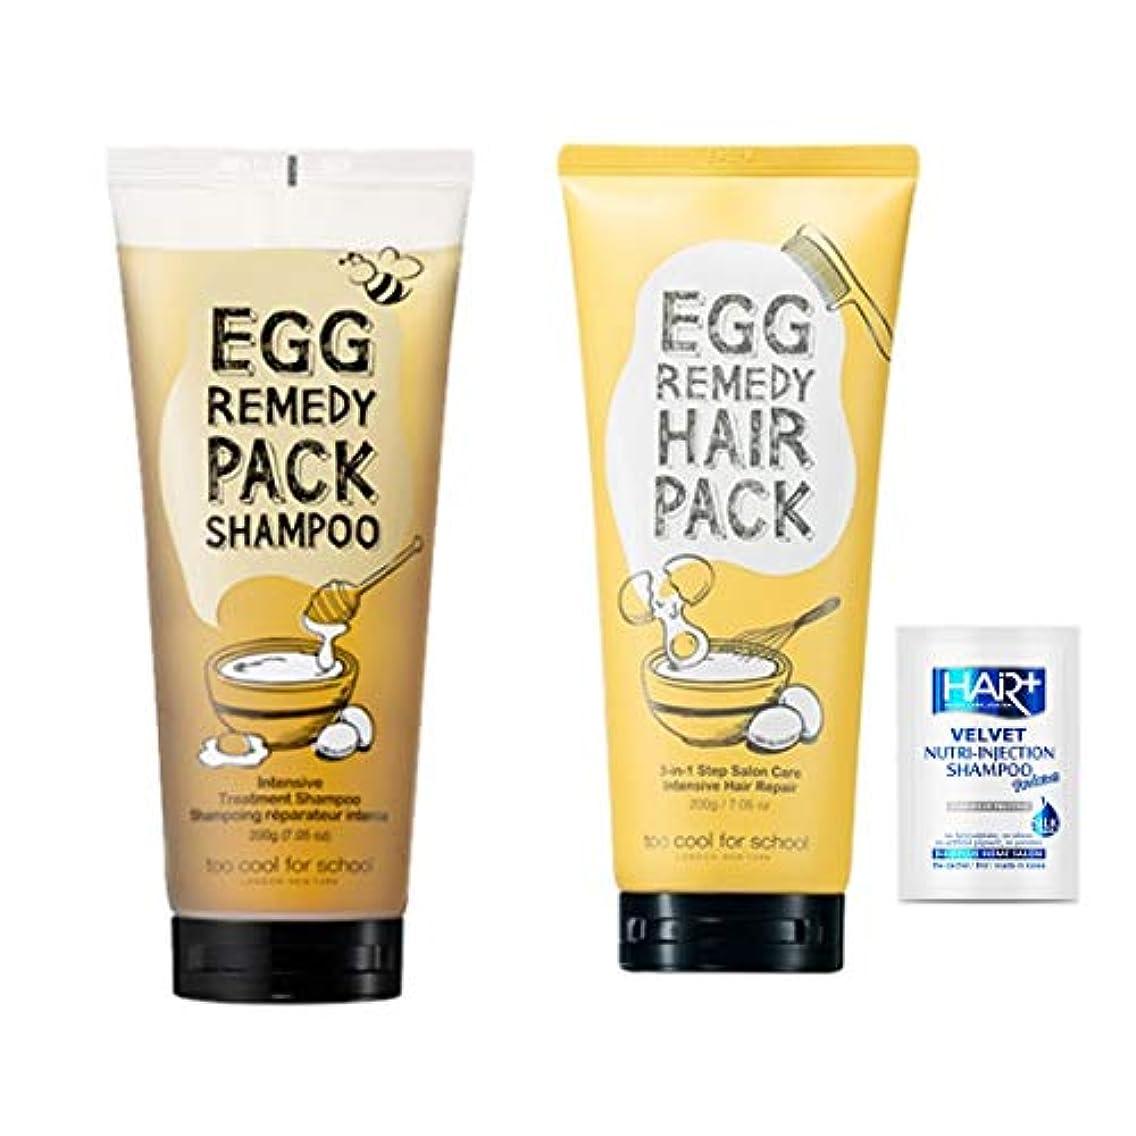 大計算する誇大妄想トゥークールフォ―スクール(too cool for school)/エッグレミディパックシャンプーtoo cool for school Egg Remedy Pack Shampoo 200ml + エッグレミディヘアパック/too cool for school Egg Remedy Hair Pack 200ML [並行輸入品]+non silicon shampoo 8ml